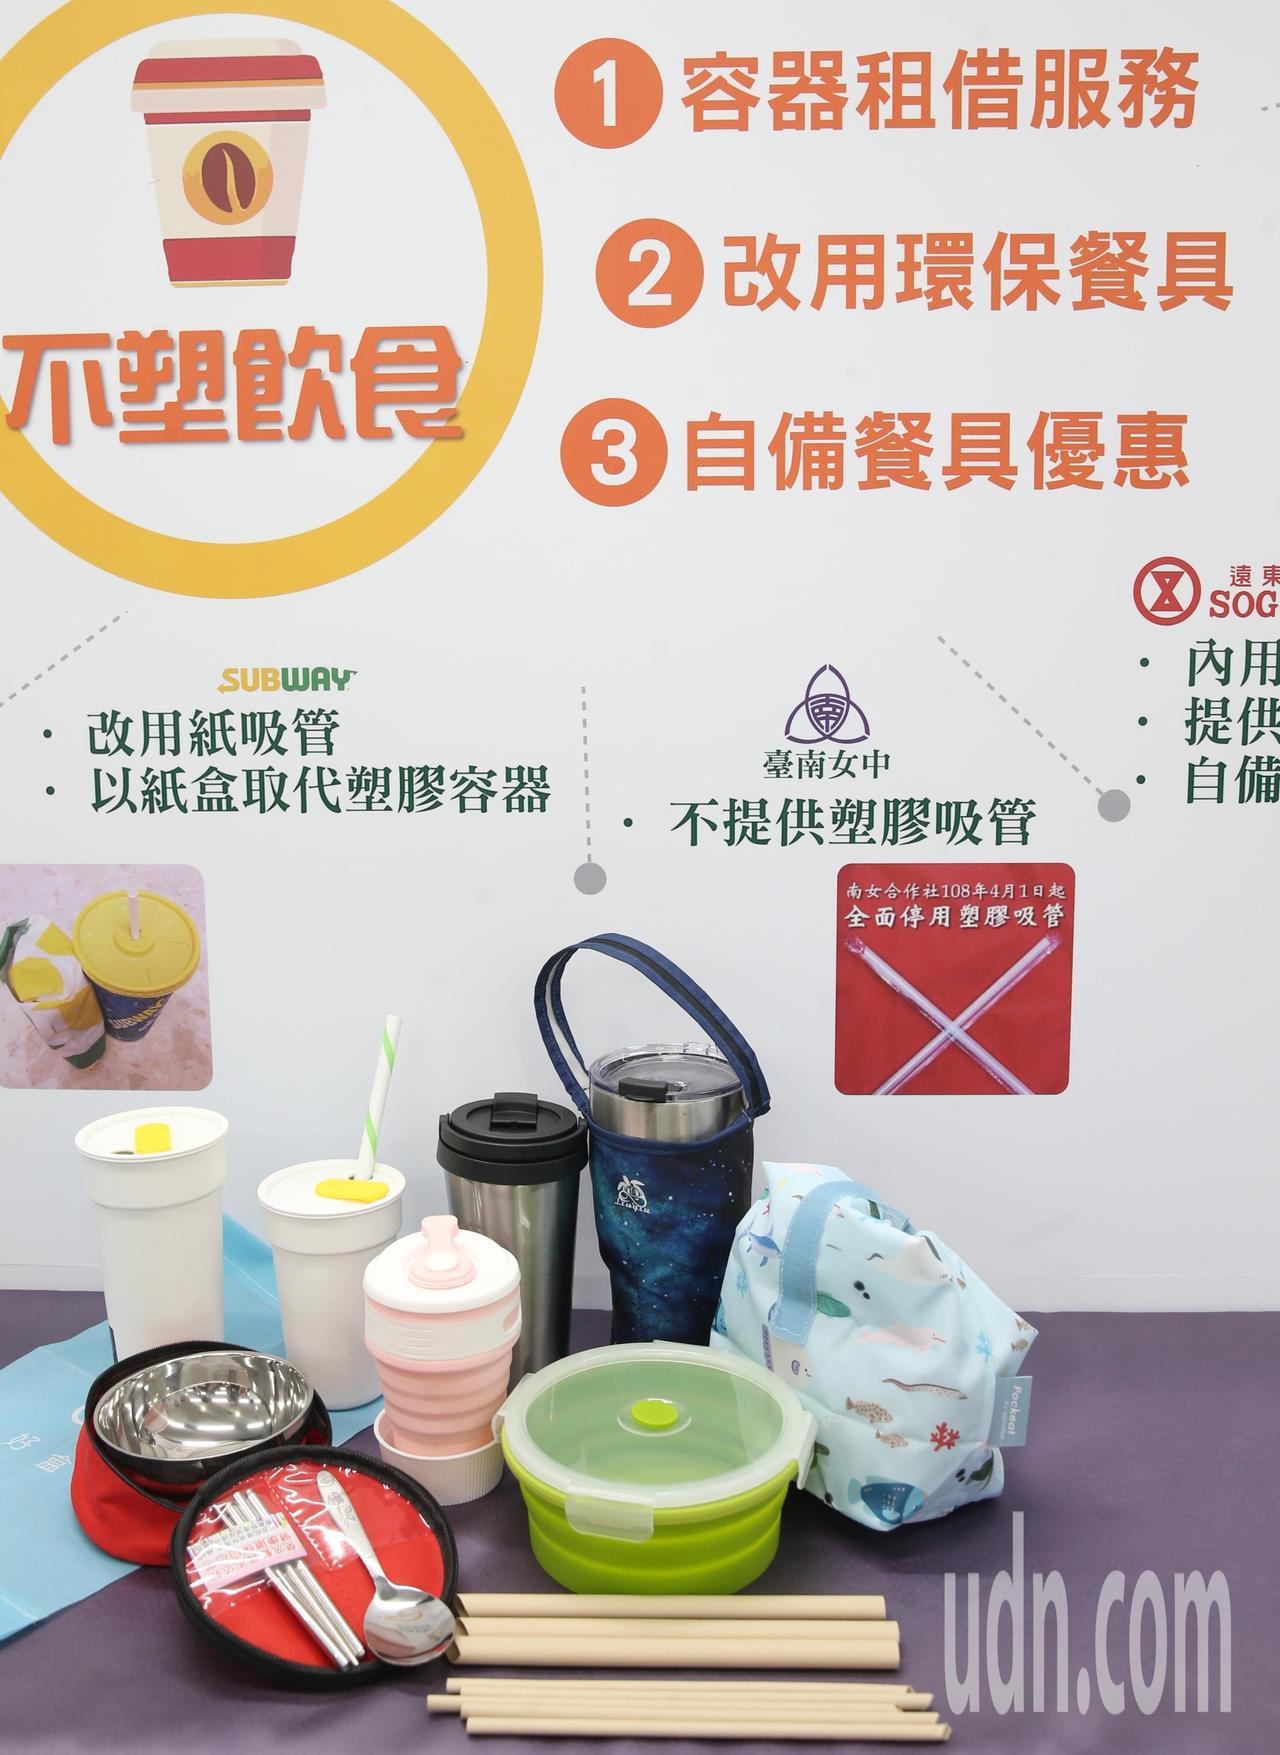 環保署上午舉行「不塑環境季起跑」記者會,呼籲民眾自備容器消費,改變生活習慣,落實...